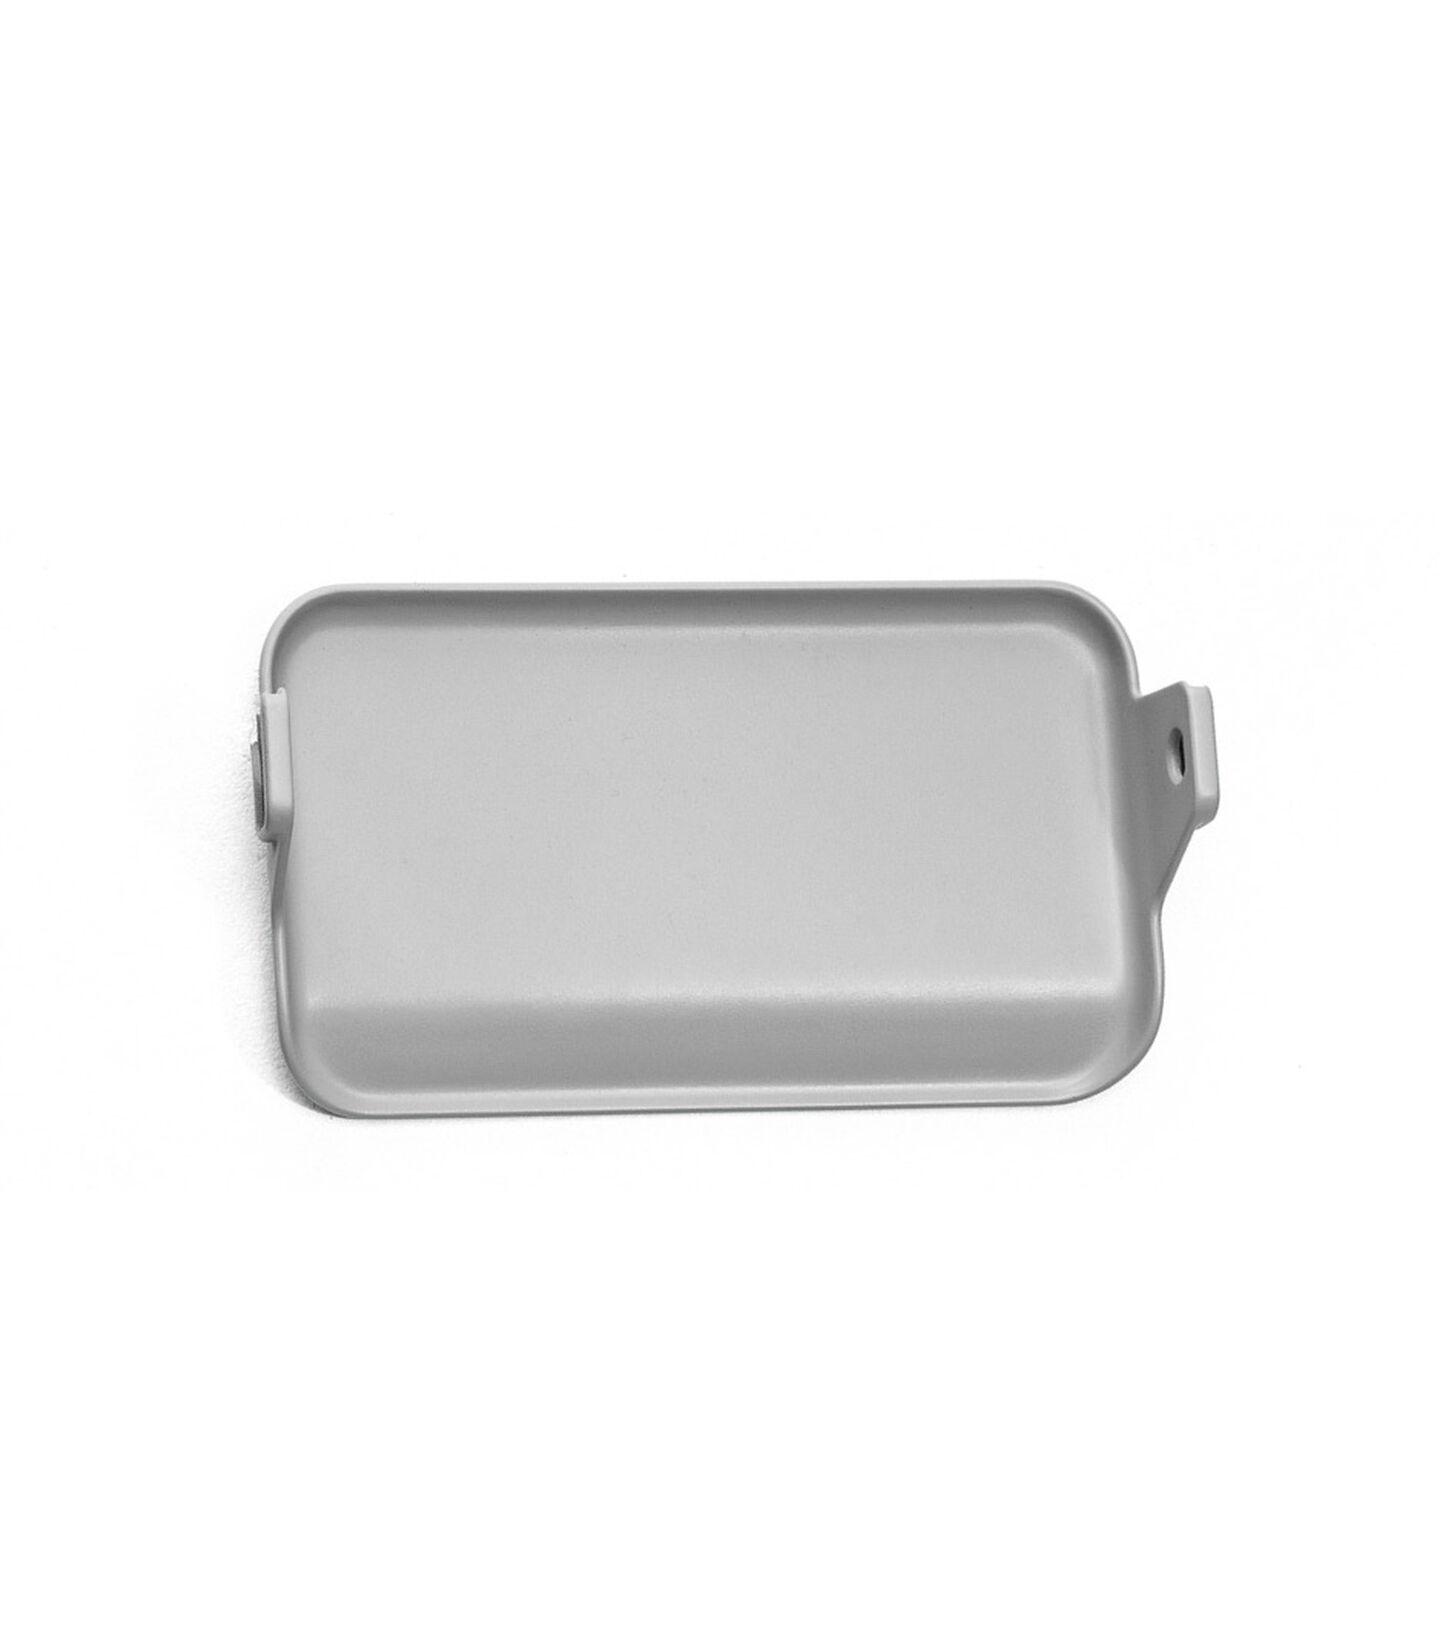 Repose-pieds Stokke® Clikk™ Gris nuage, Gris nuage, mainview view 2